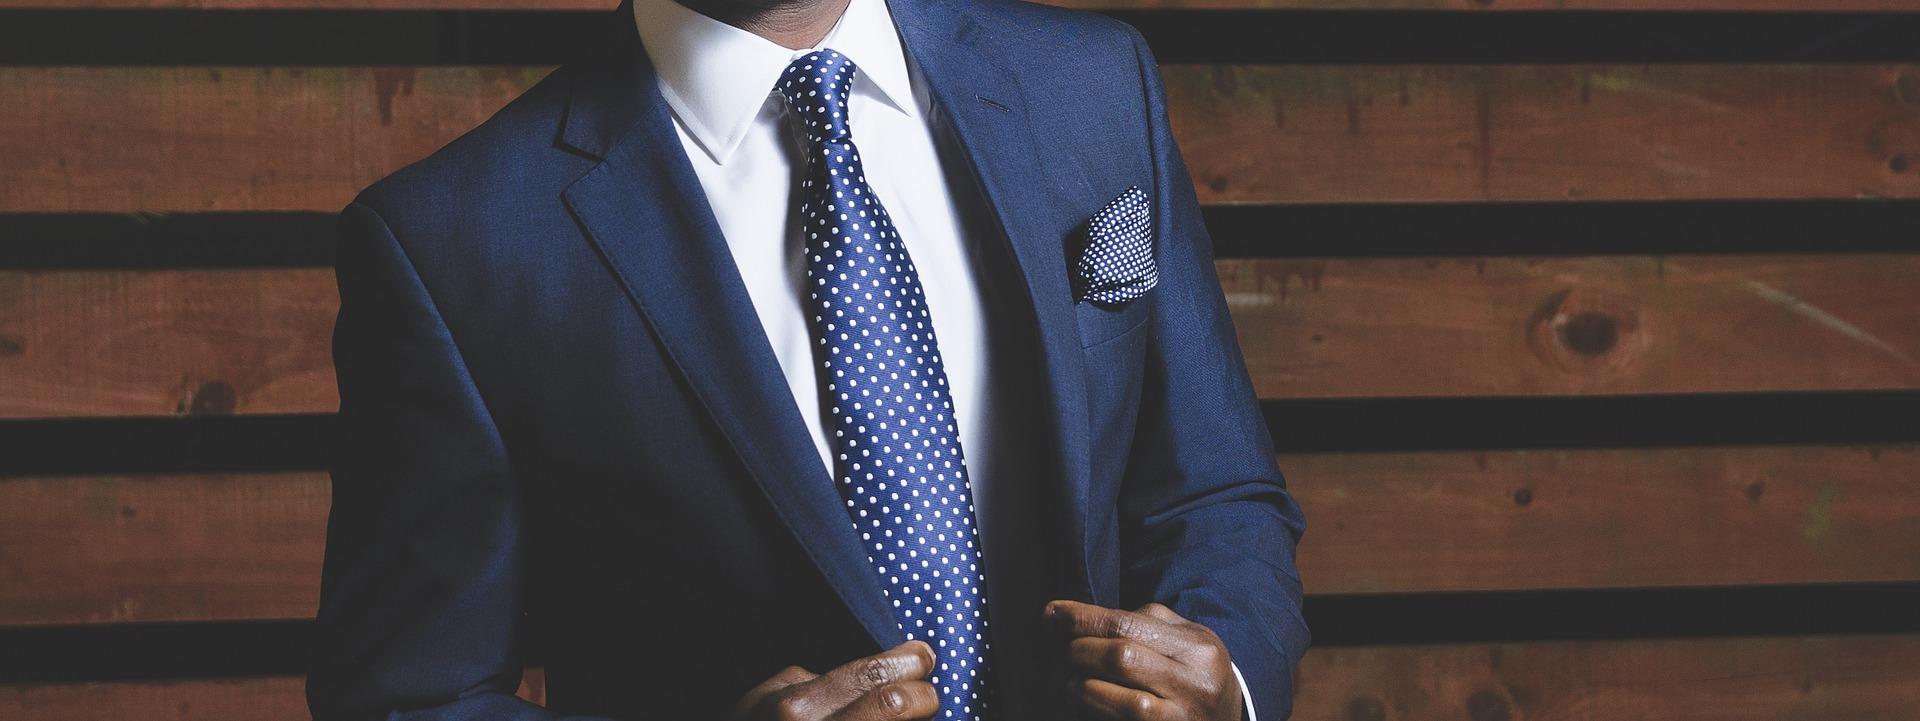 S'habiller bien n'est pas un don, ça s'apprend